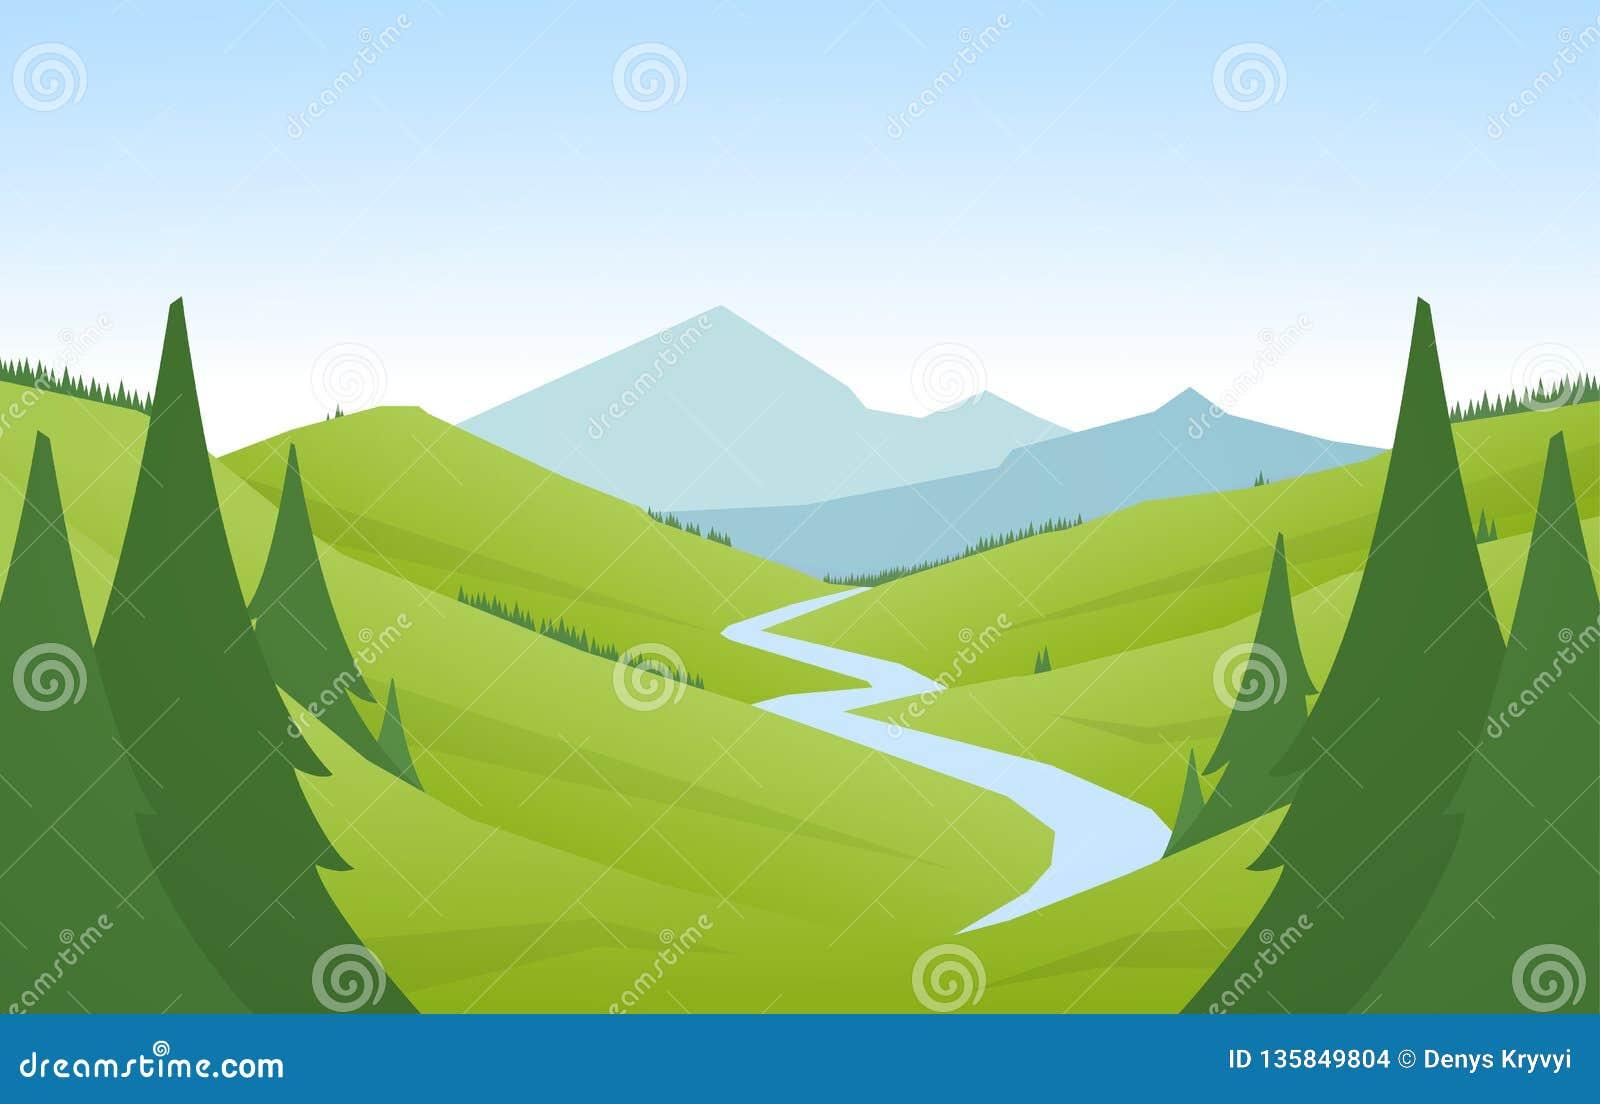 传染媒介例证:动画片平的夏天山环境美化与青山、杉木森林和河